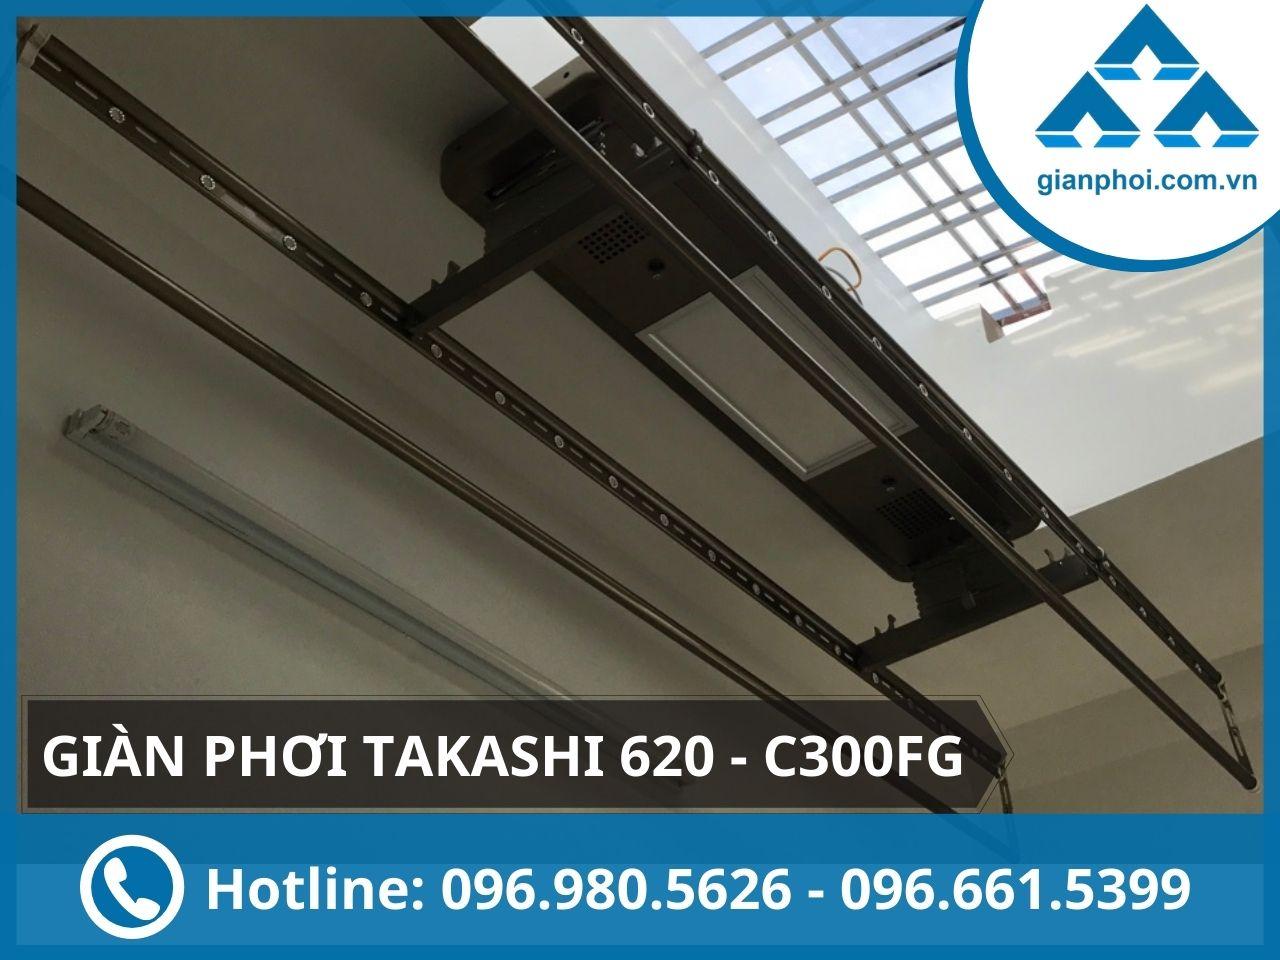 Giàn phơi điện tử điều khiển japan takashi 620 - c300fg